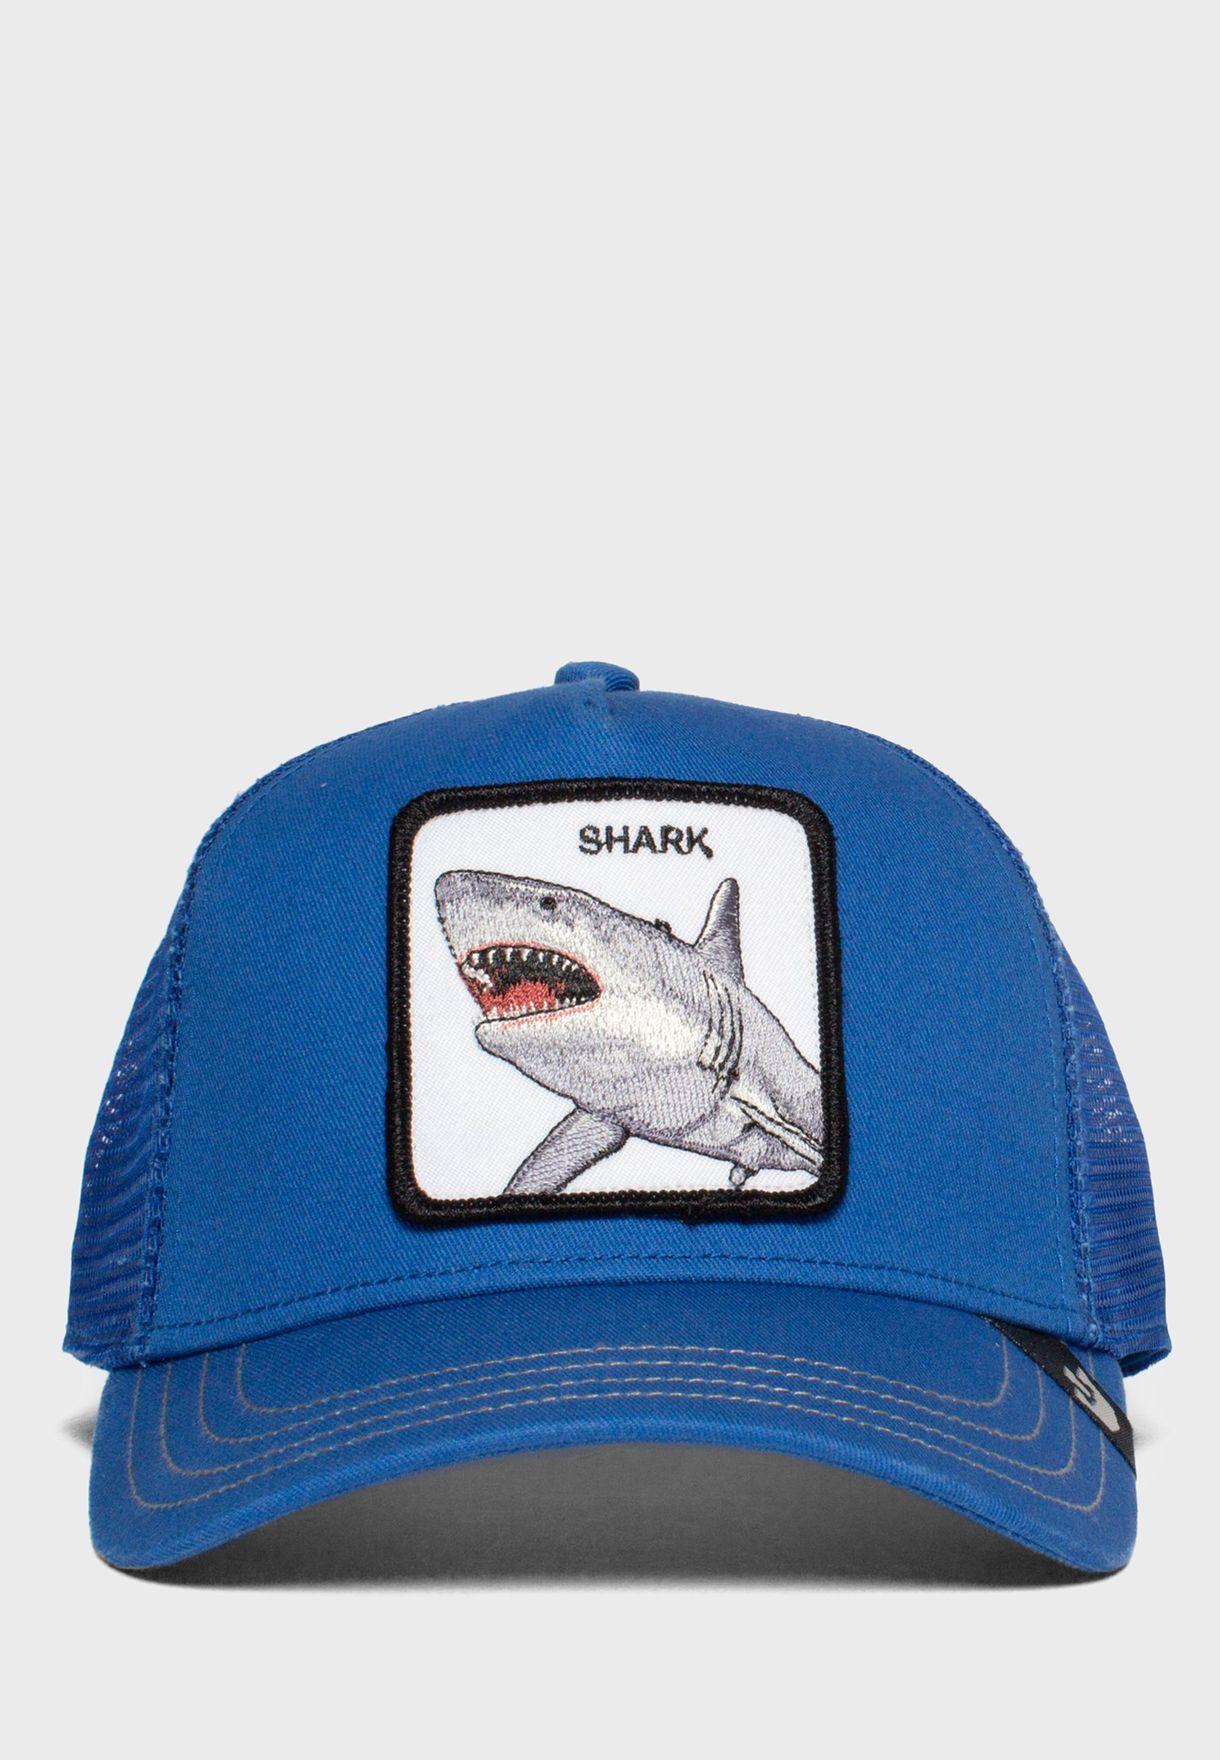 Shark Curved Peak Cap